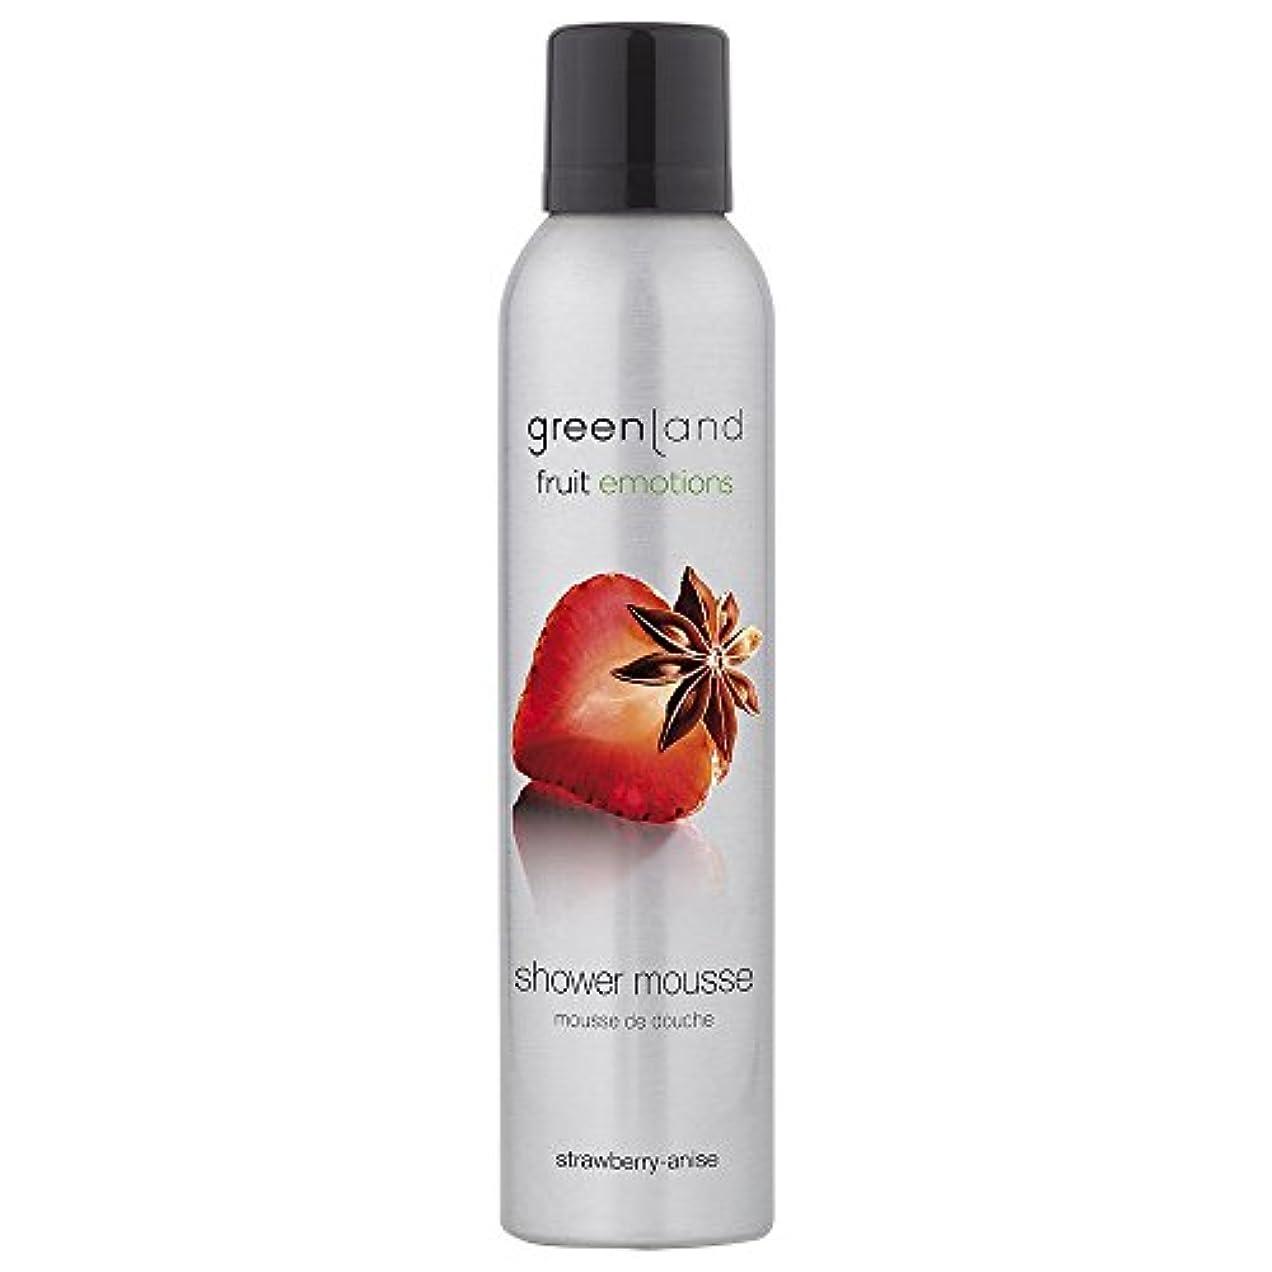 ヤギ別の消毒剤greenland [FruitEmotions] シャワームース 200ml ストロベリー&アニス FE0077